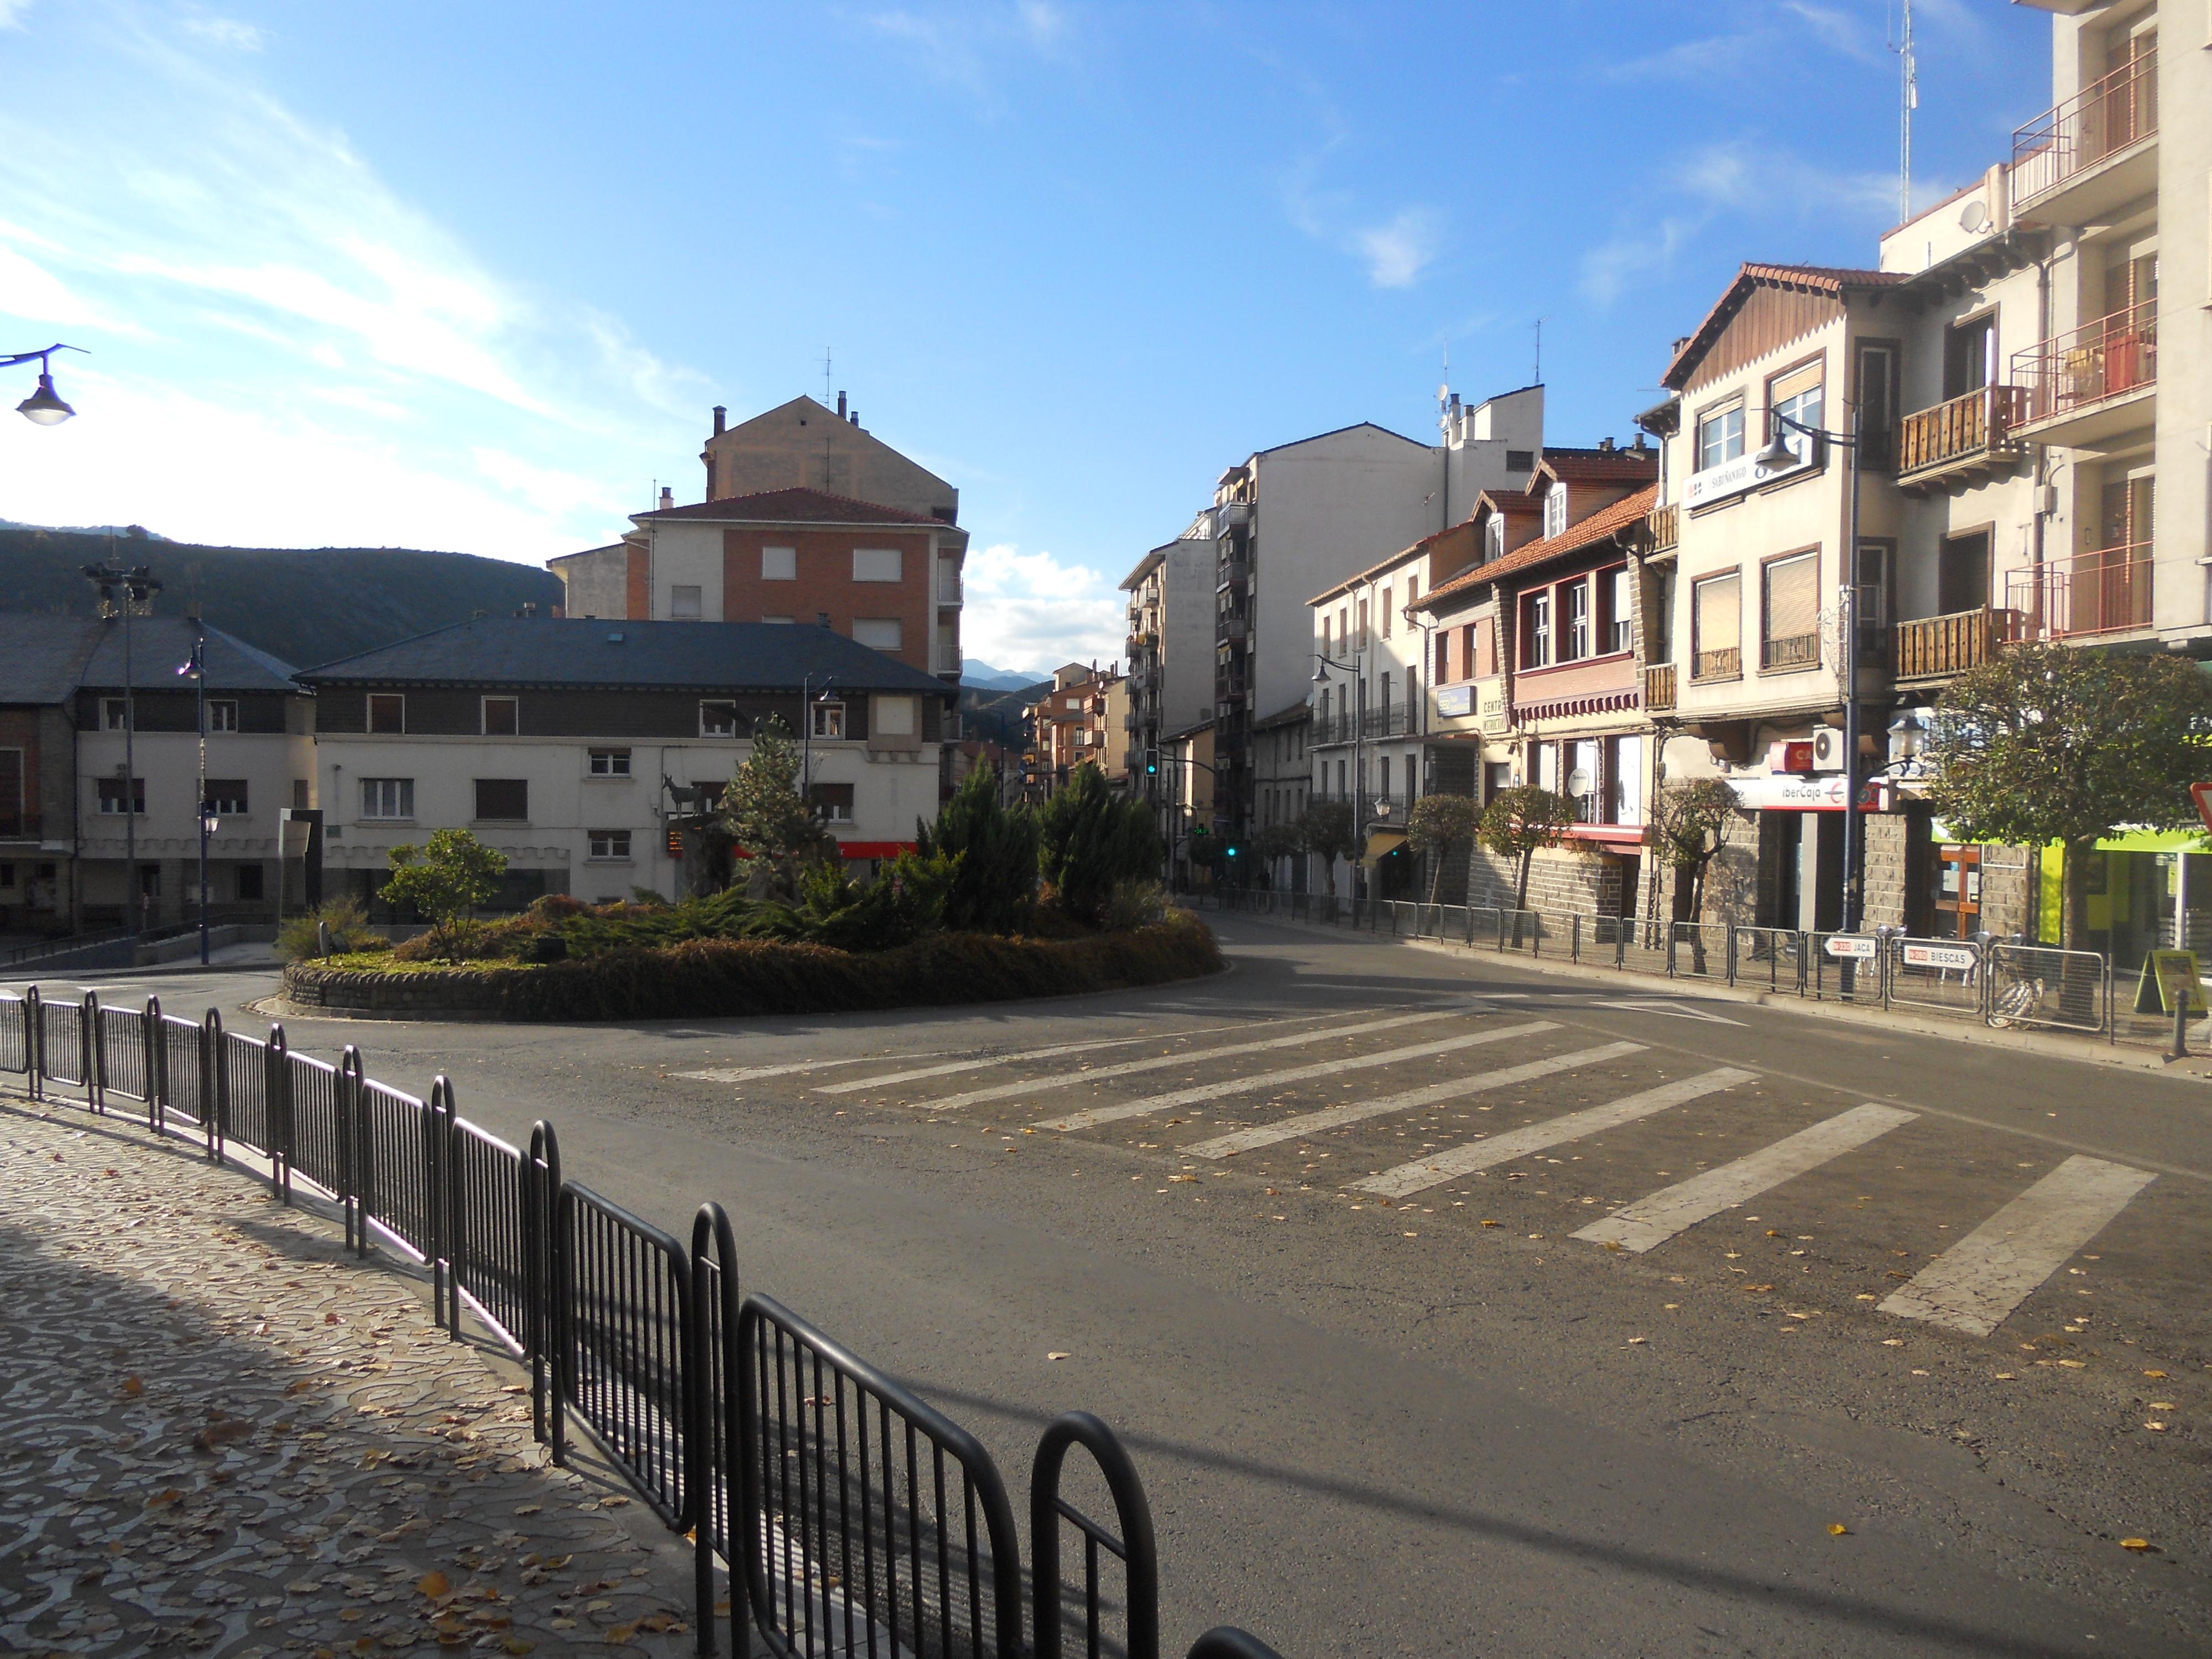 File:Sabiñanigo , Huesca . - panoramio.jpg - Wikimedia Commons